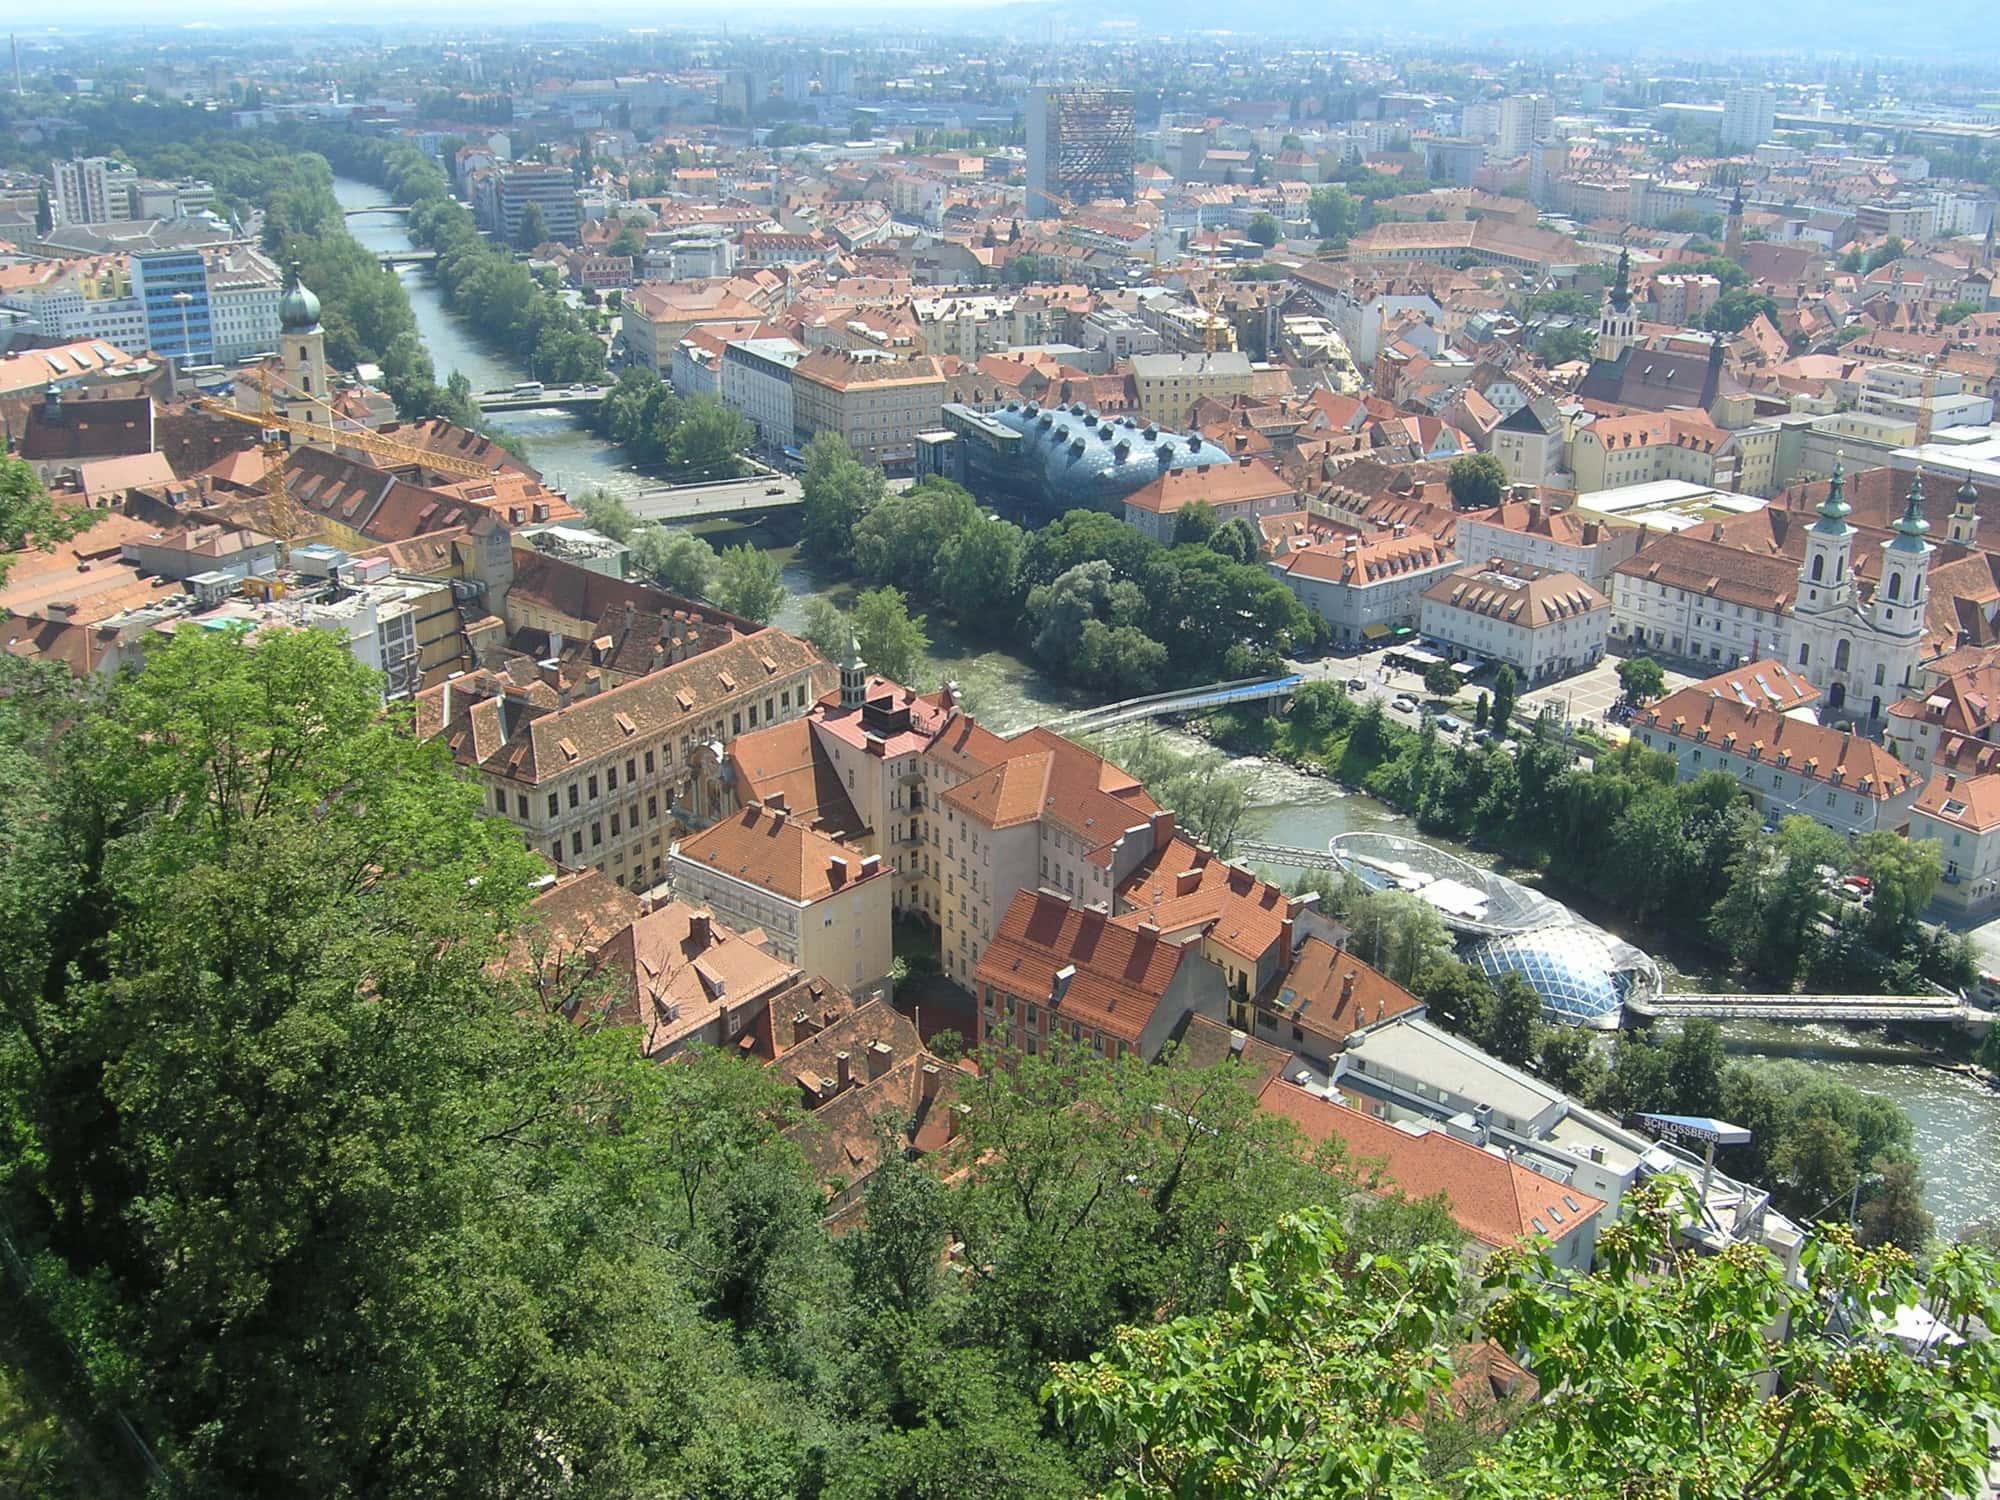 Die Mur in der Steiermark produziert Strom durch Wasserkraft